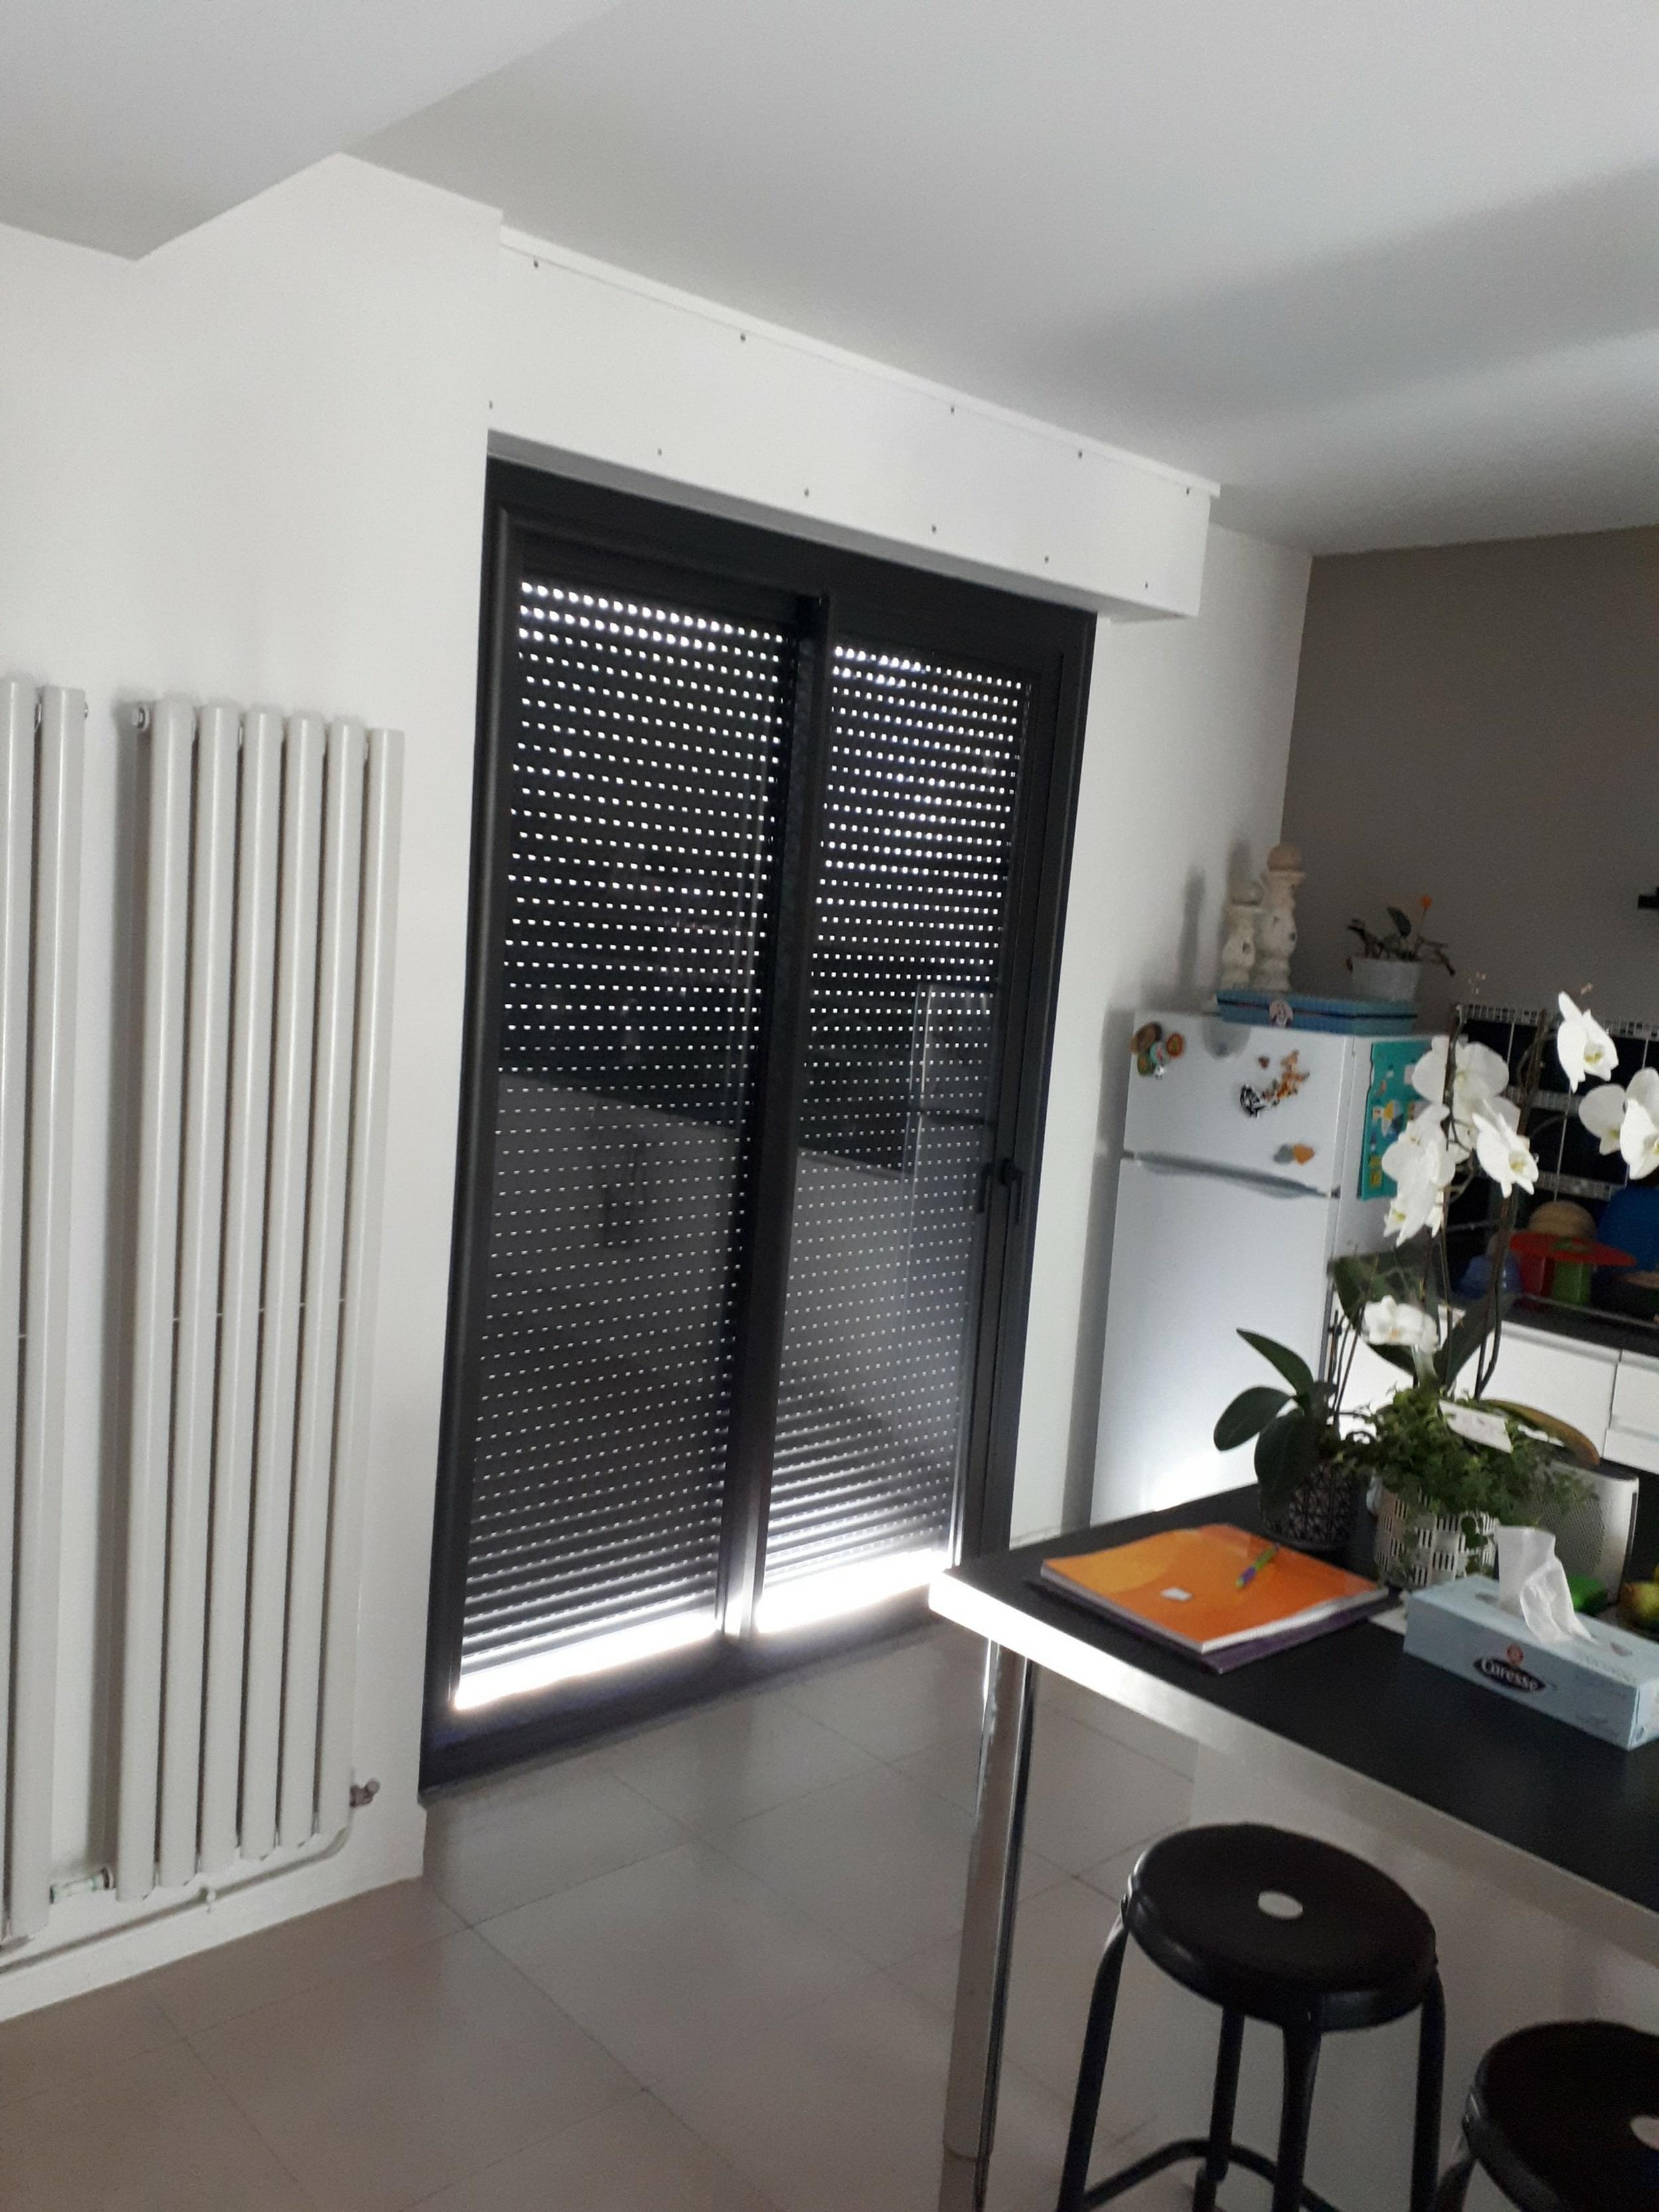 Pose d''une porte fenêtre alu noir avec volets roulants - Hennebont -56